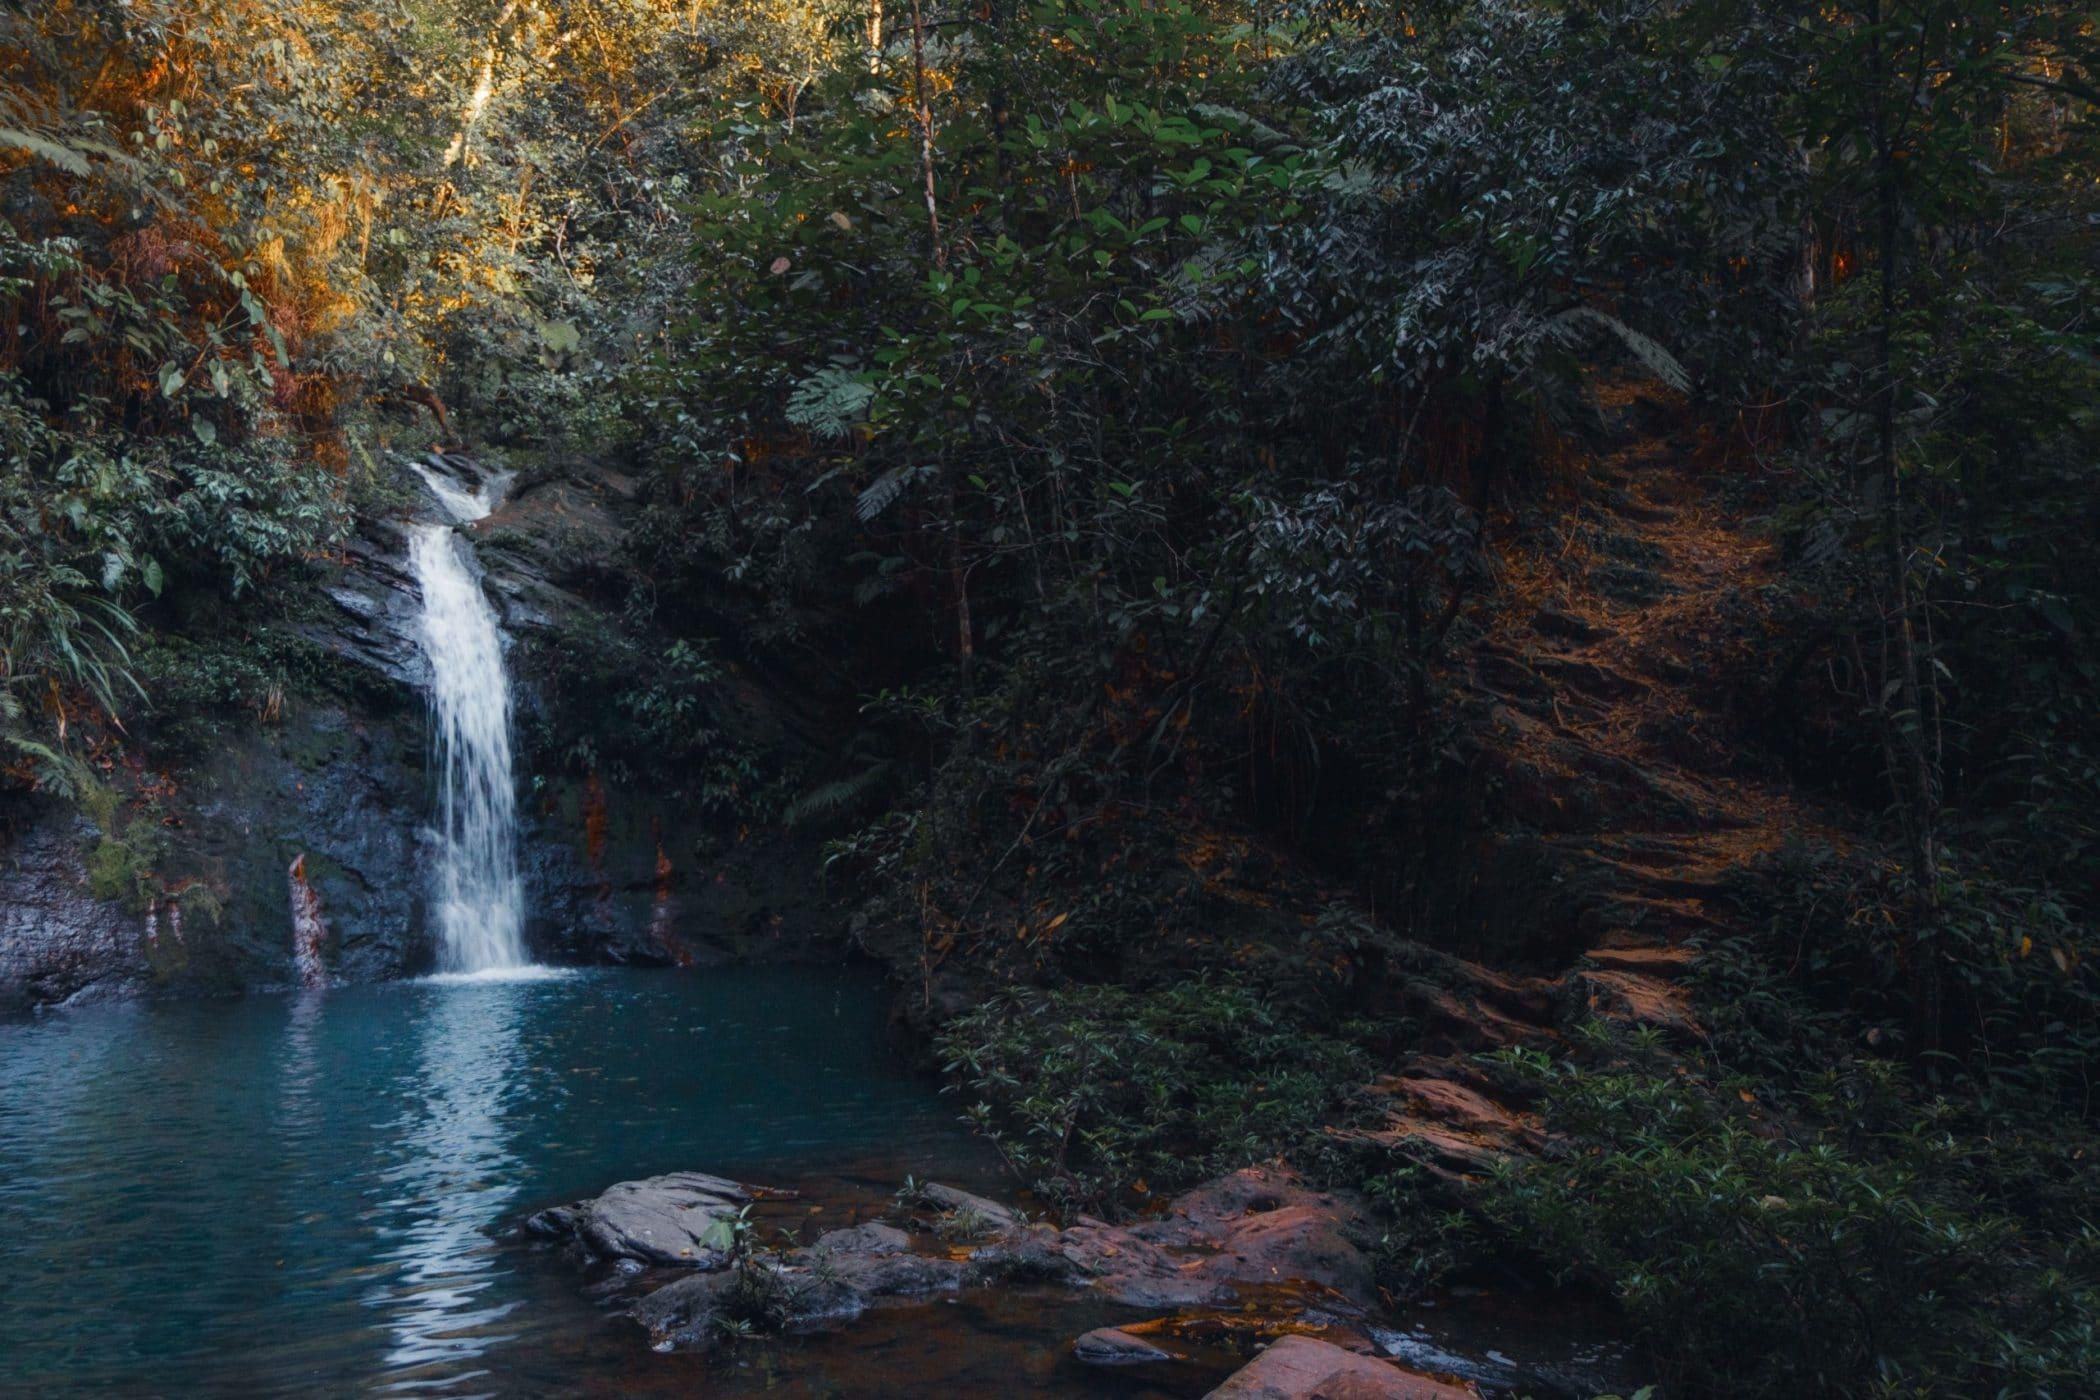 Lower Tiger Fern Falls